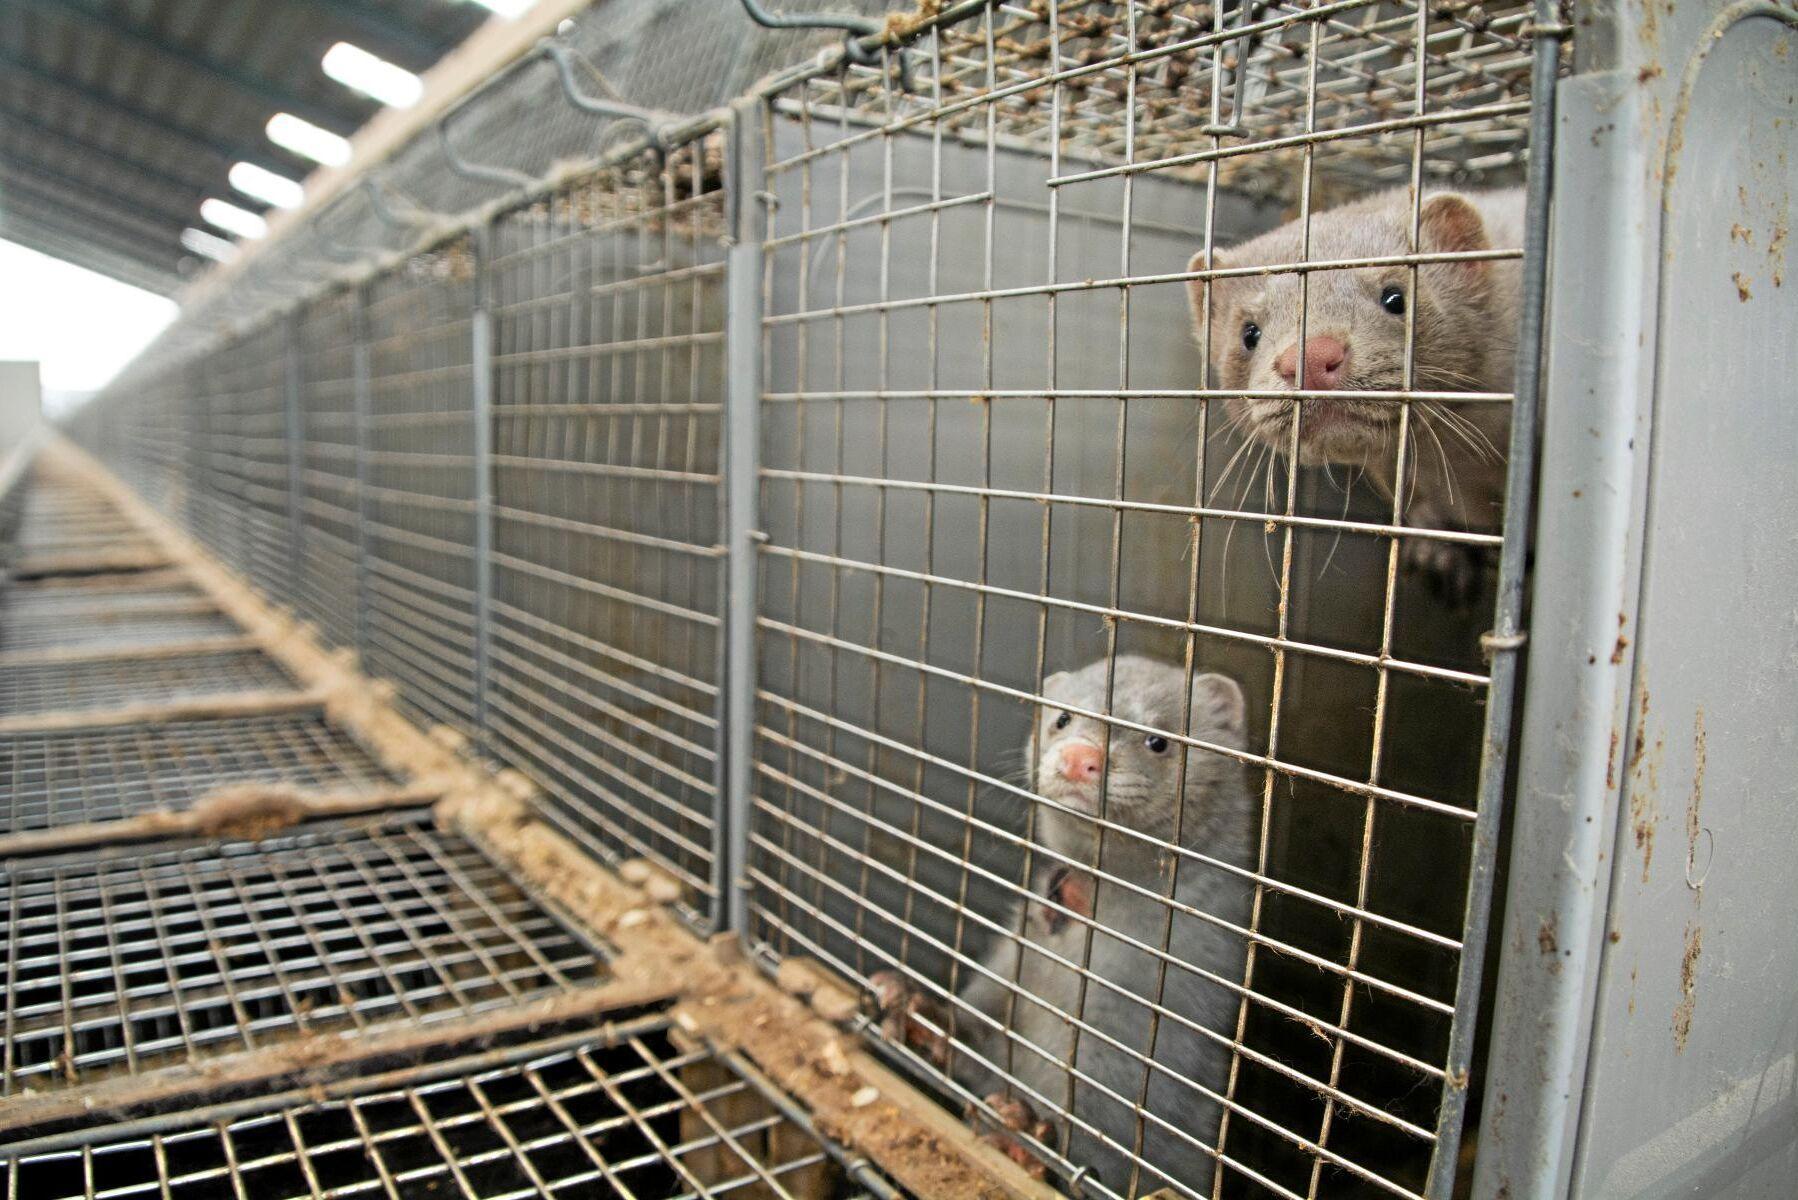 Att pälsdjursuppfödning skulle förbjudas var ett krav från det liberala partiet Venstre i regeringsförhandlingarna med konservativa Høyre.